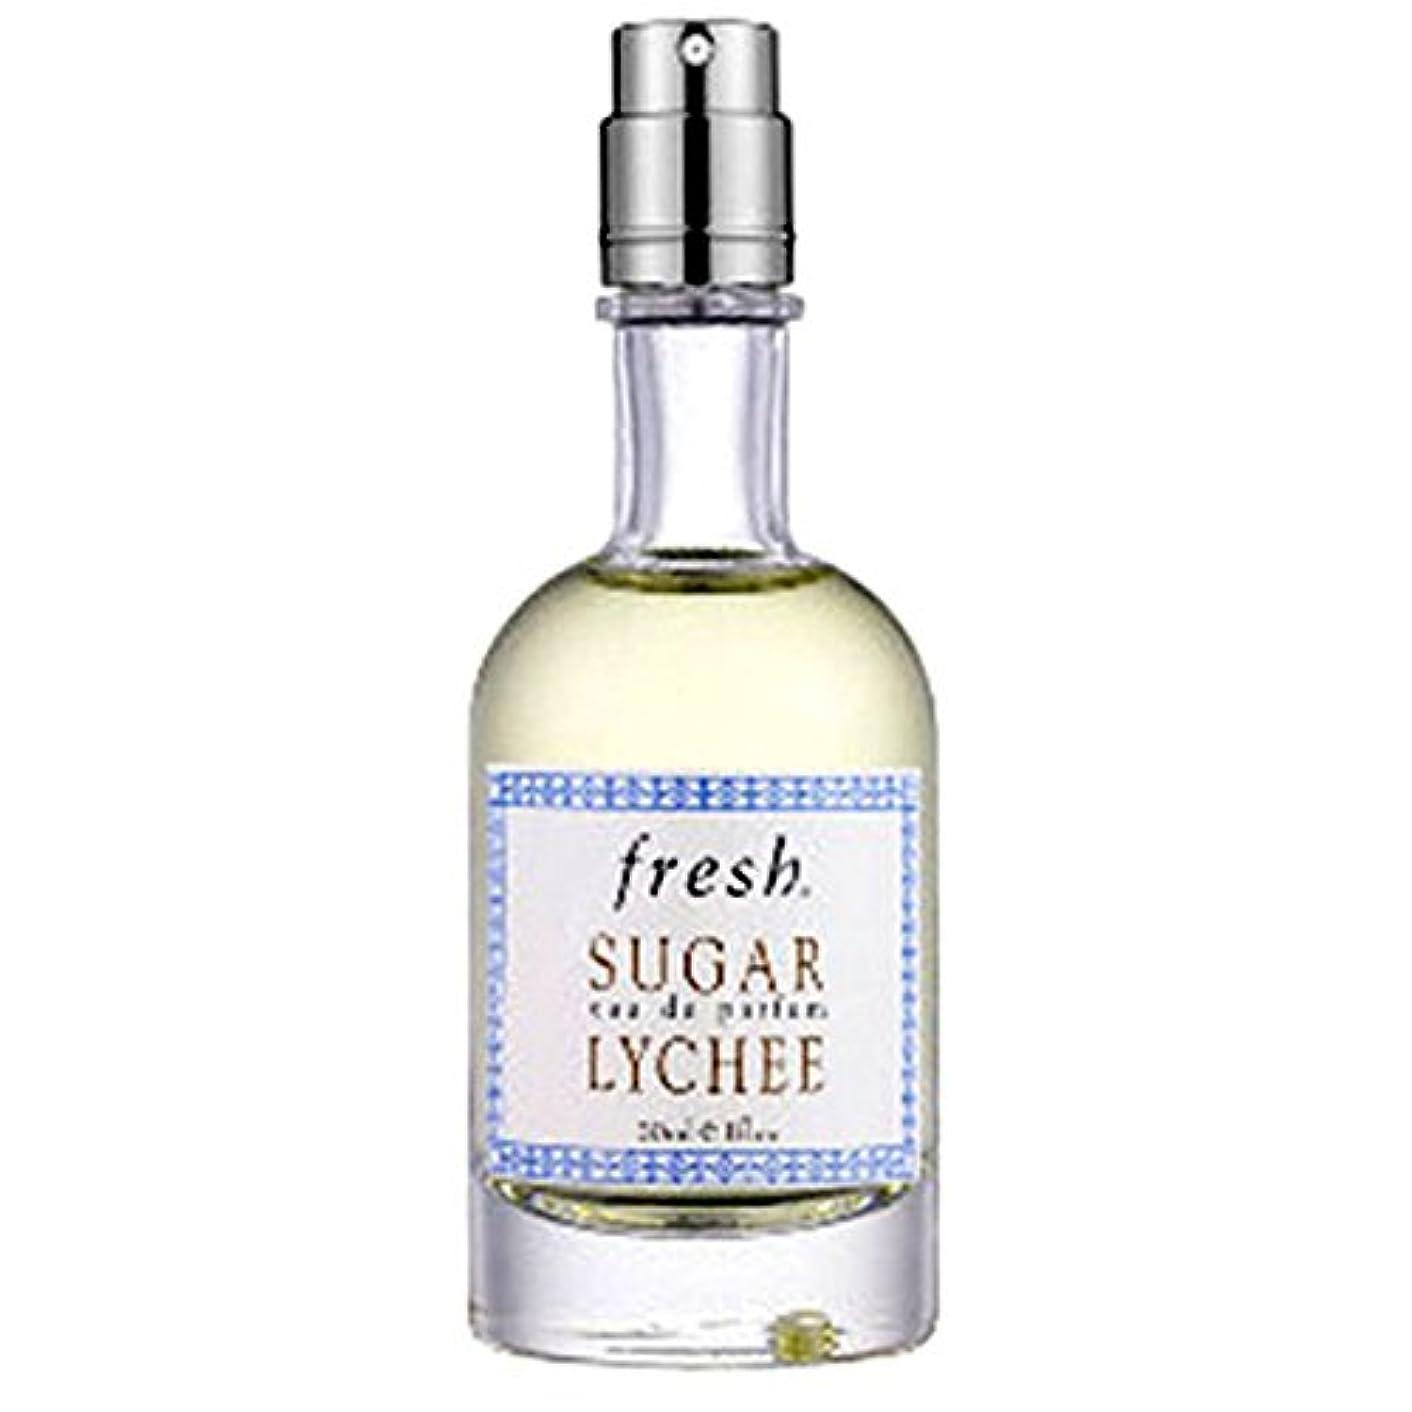 震えレポートを書くメロディアスFresh (フレッシュ) シュガーライチオードパルファム,1 oz (30 ml)- Sugar Lychee。 [並行輸入品] [海外直送品]